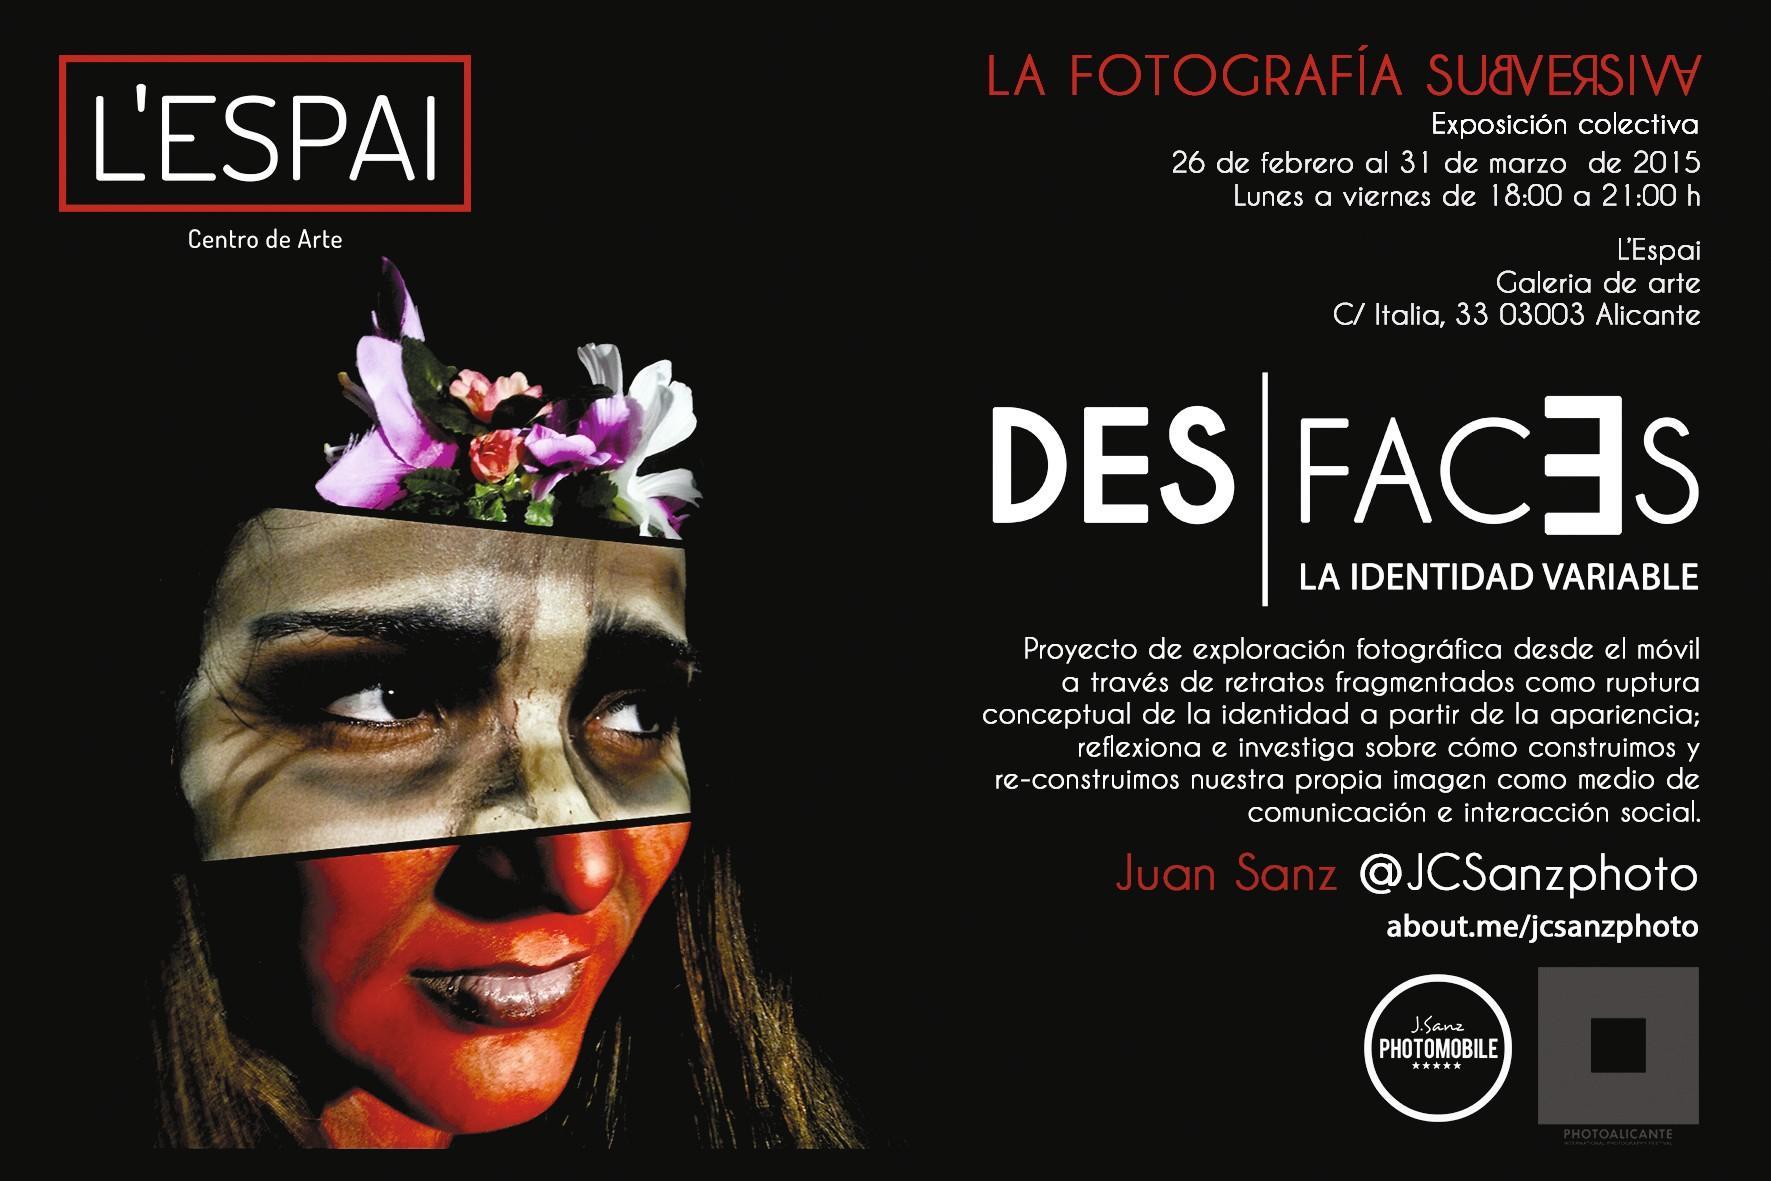 Juan Sanz, para la muestra colectiva DES-FACES en l'Espai Centro de Arte Alicante, 2015.